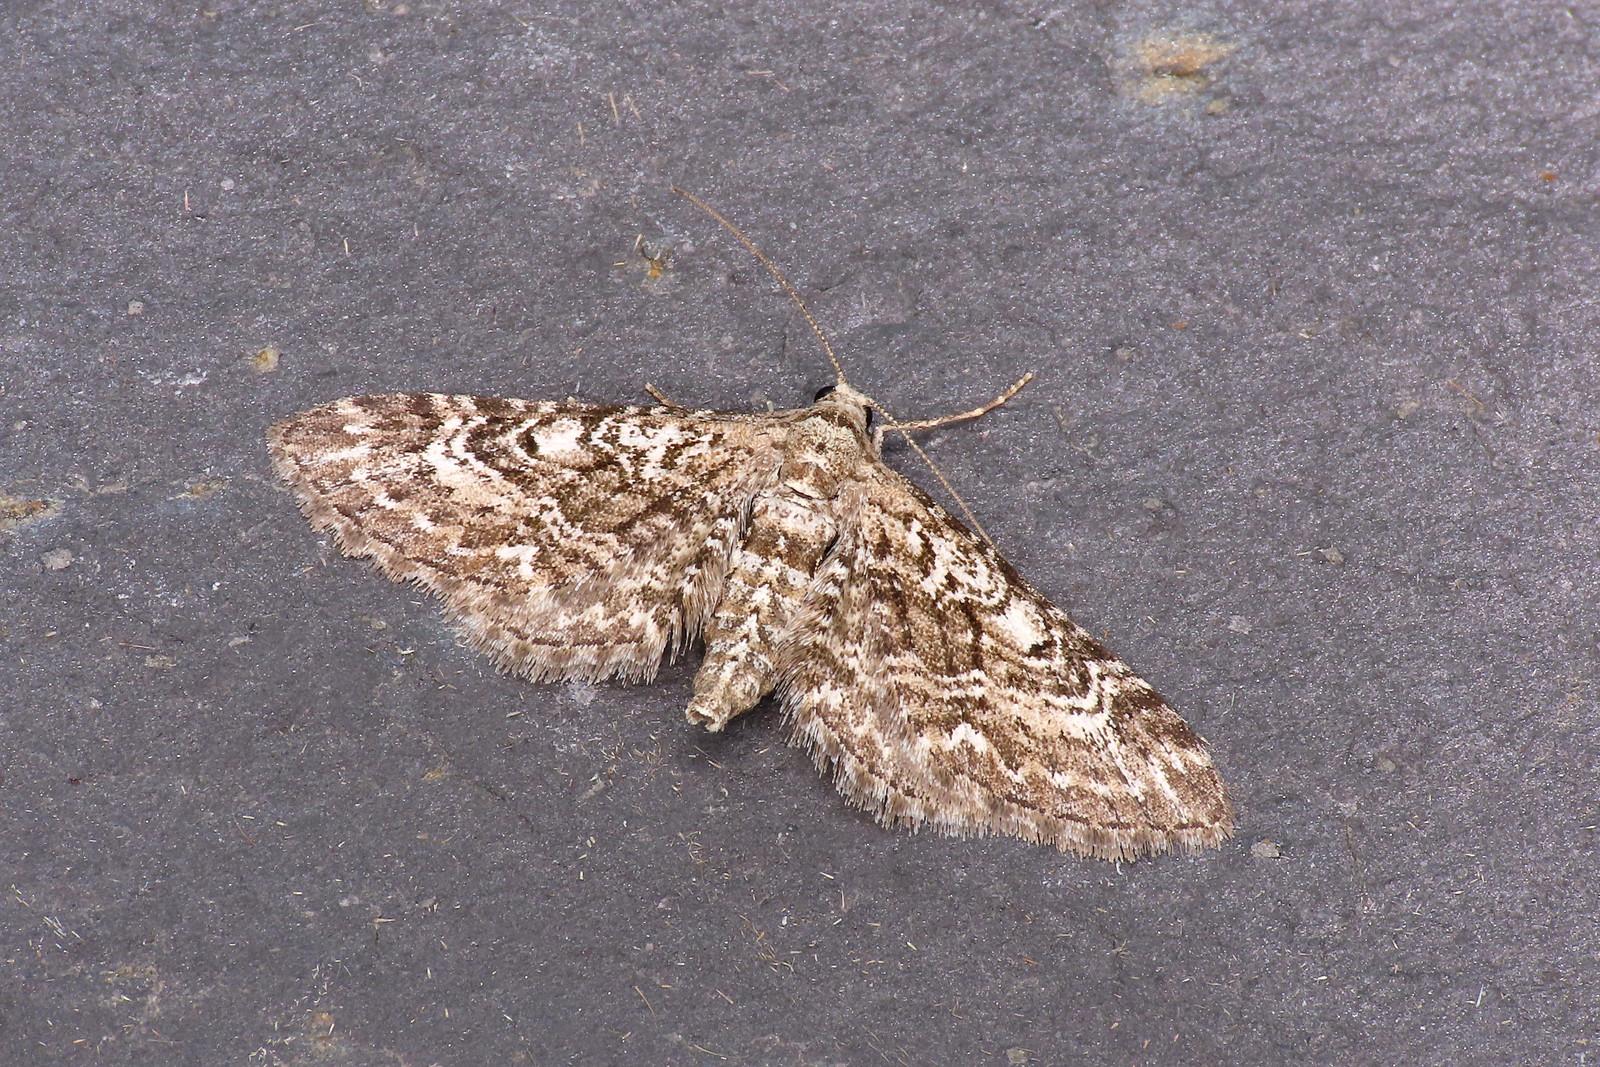 70.168 Narrow-winged Pug - Eupithecia nanata